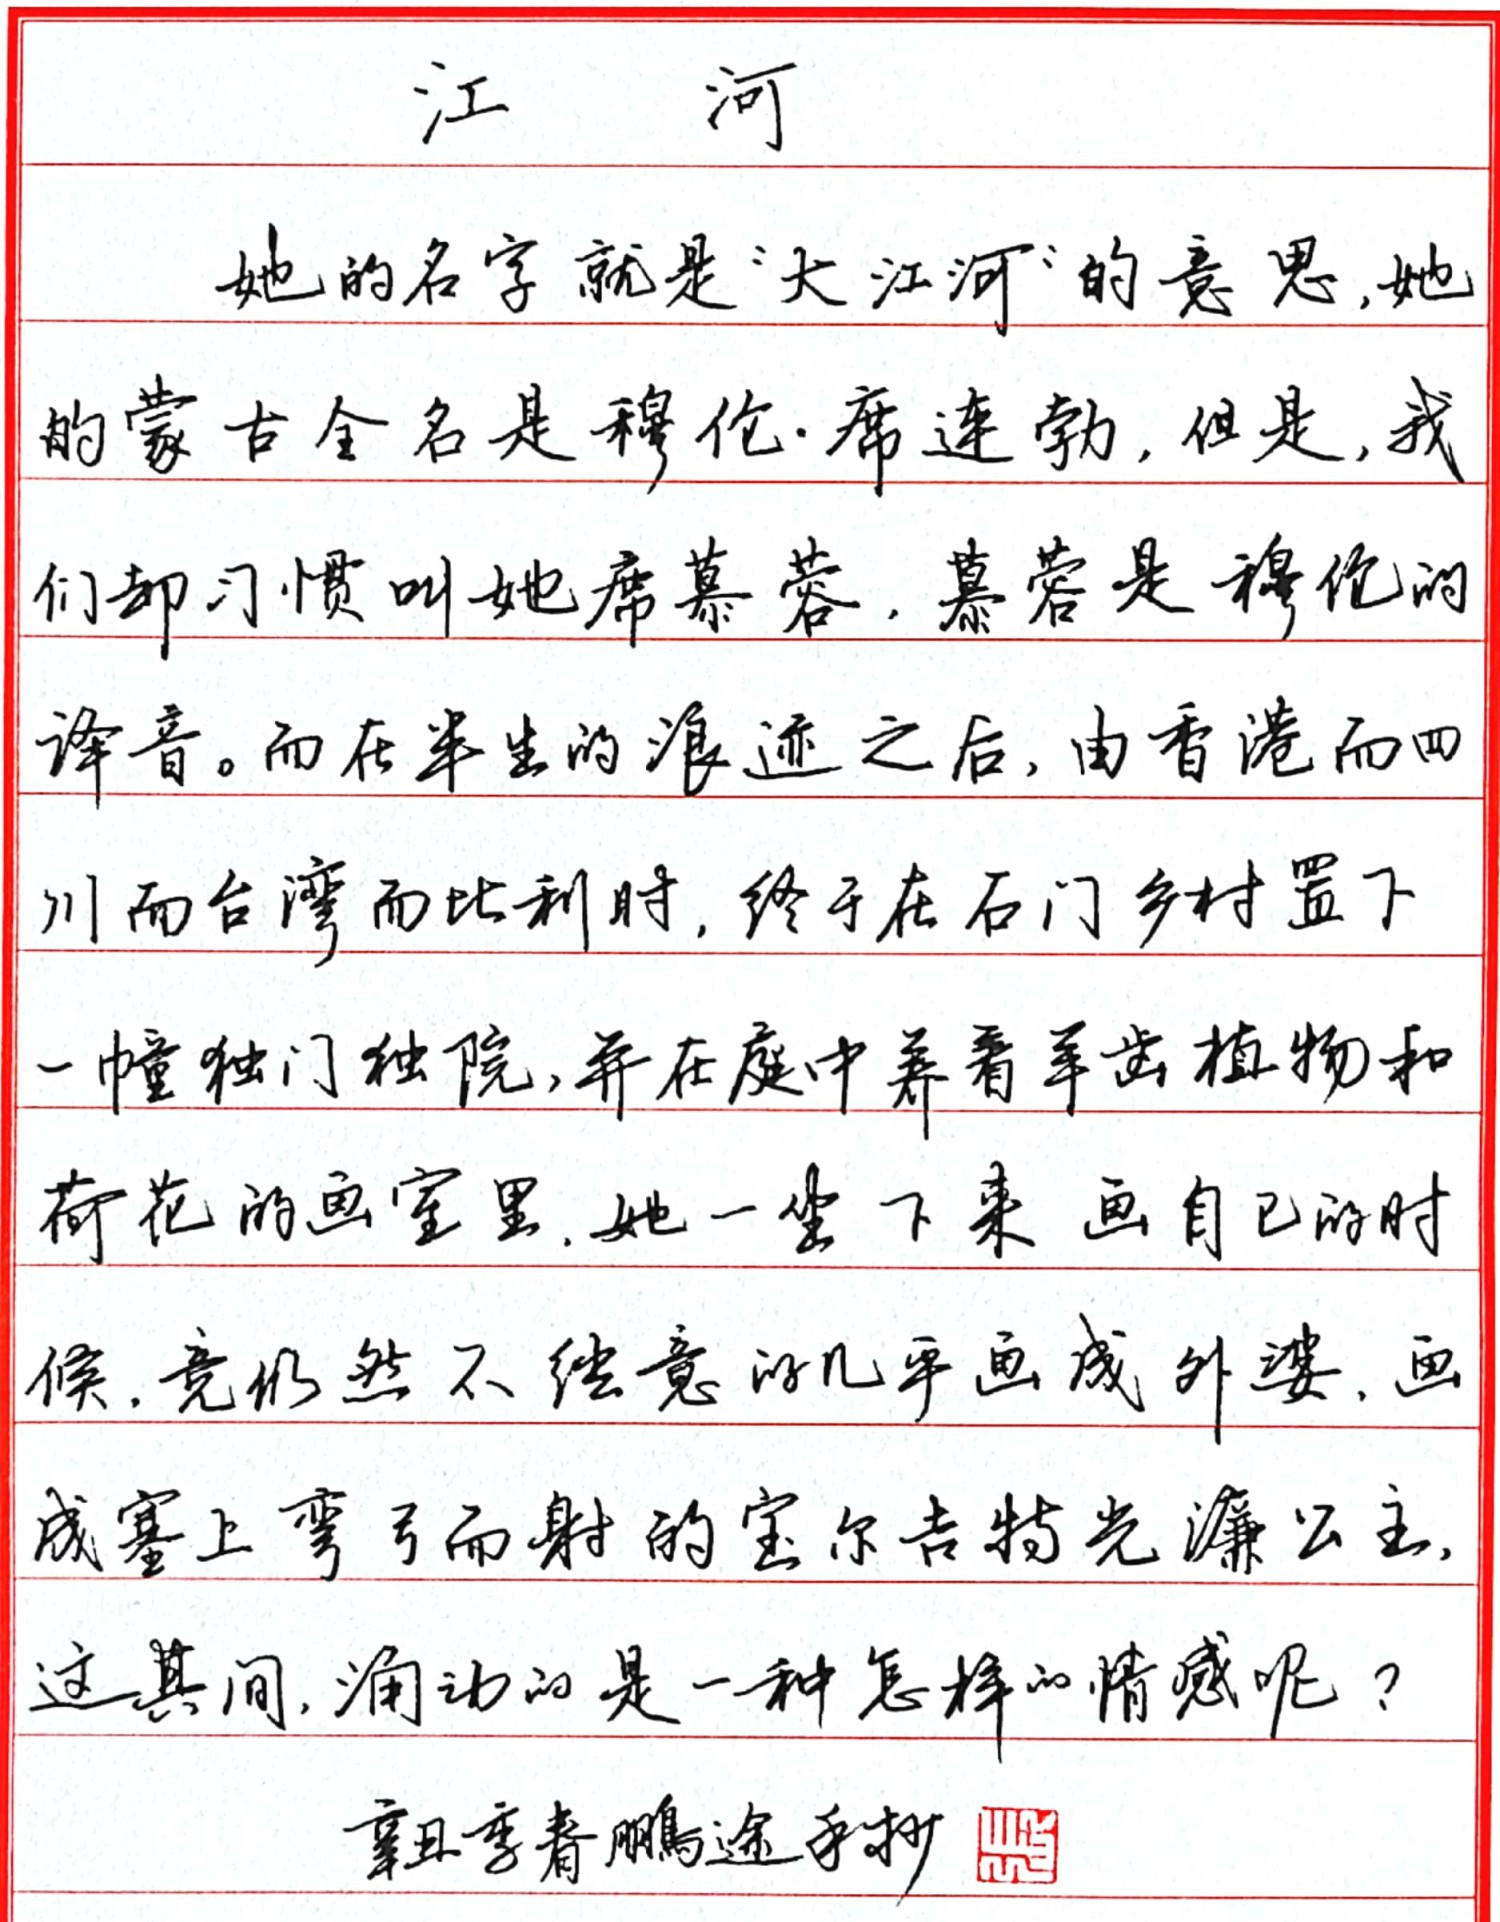 钢笔爱好者练字打卡20210420-17